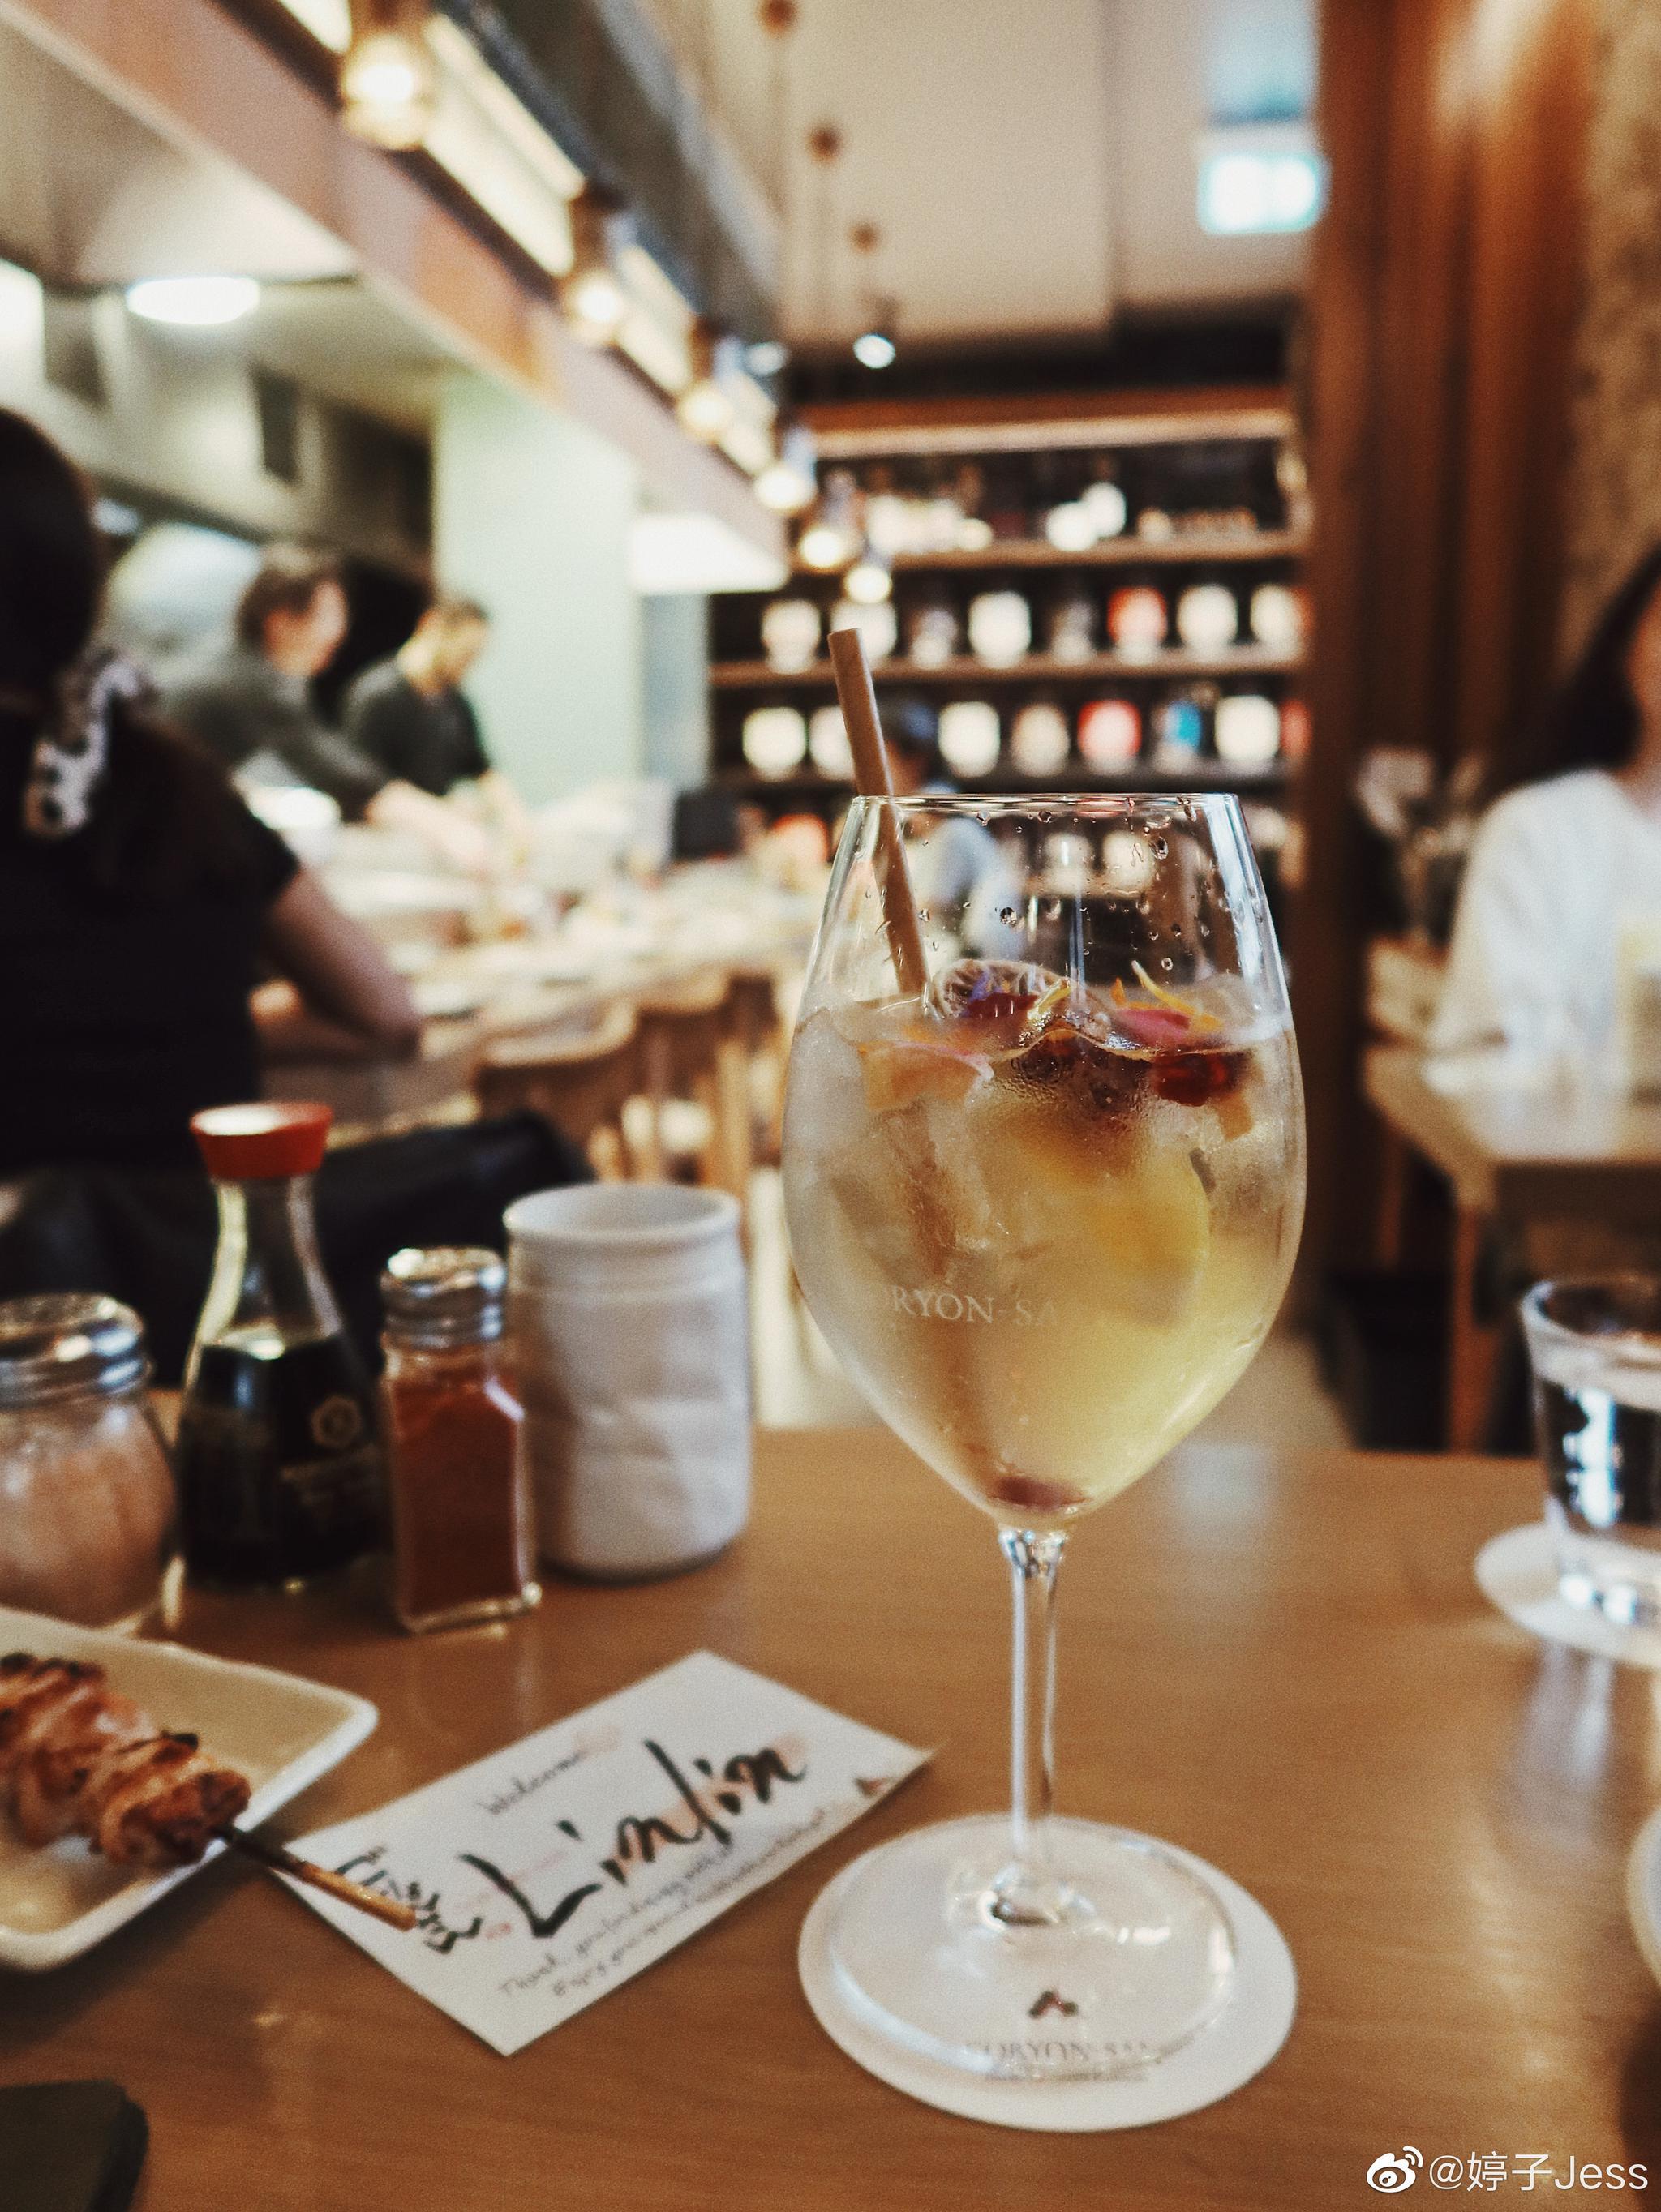 大隐隐于市日式串烧居酒屋-Goryon San·种草很久终于去吃了的店